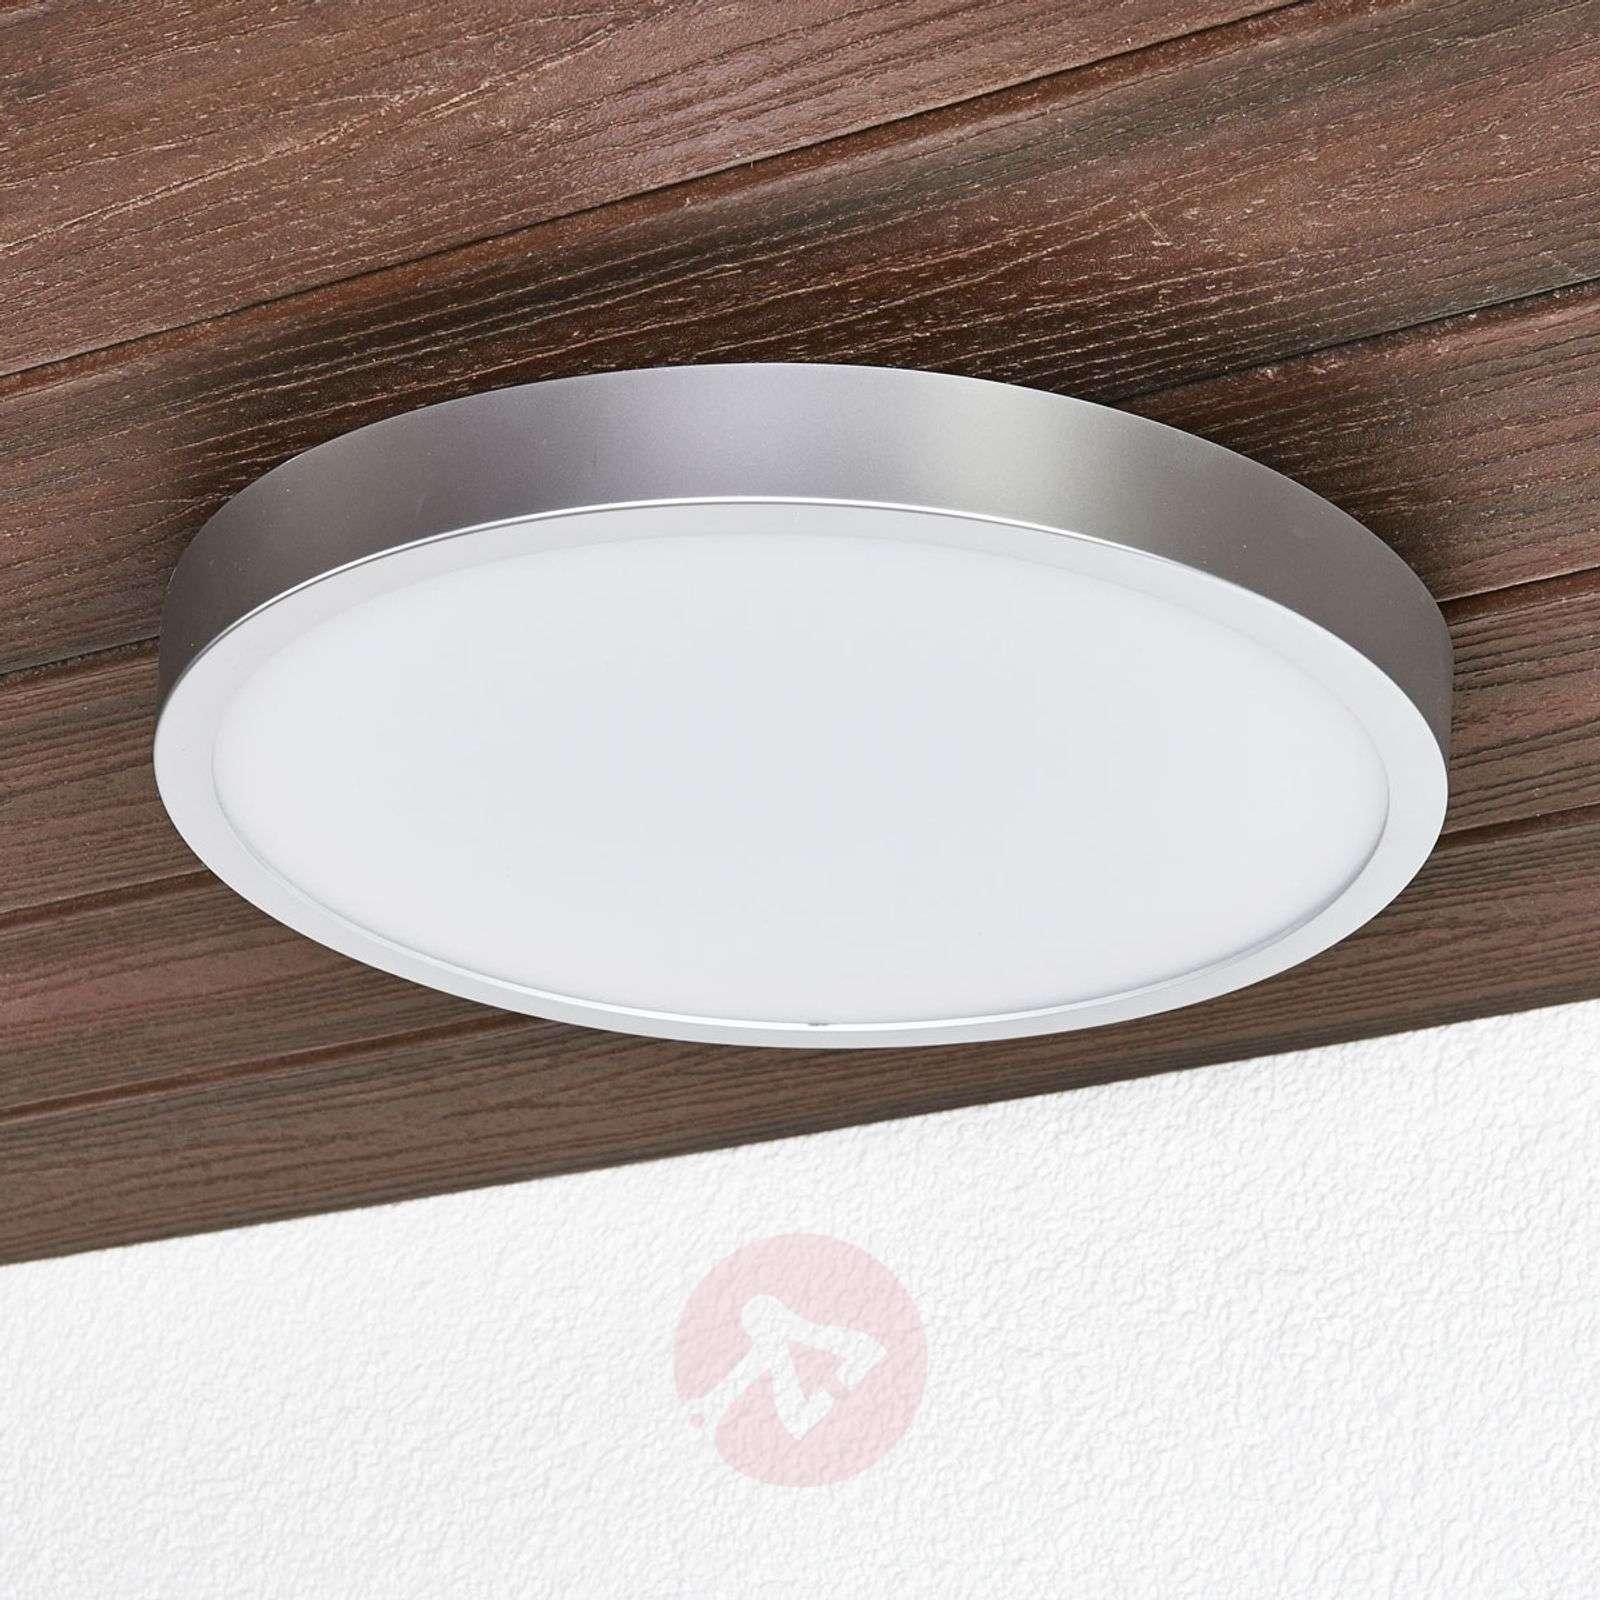 Liyan hopeinen LED-kattolamppu kylpyhuoneeseen-9945196-01